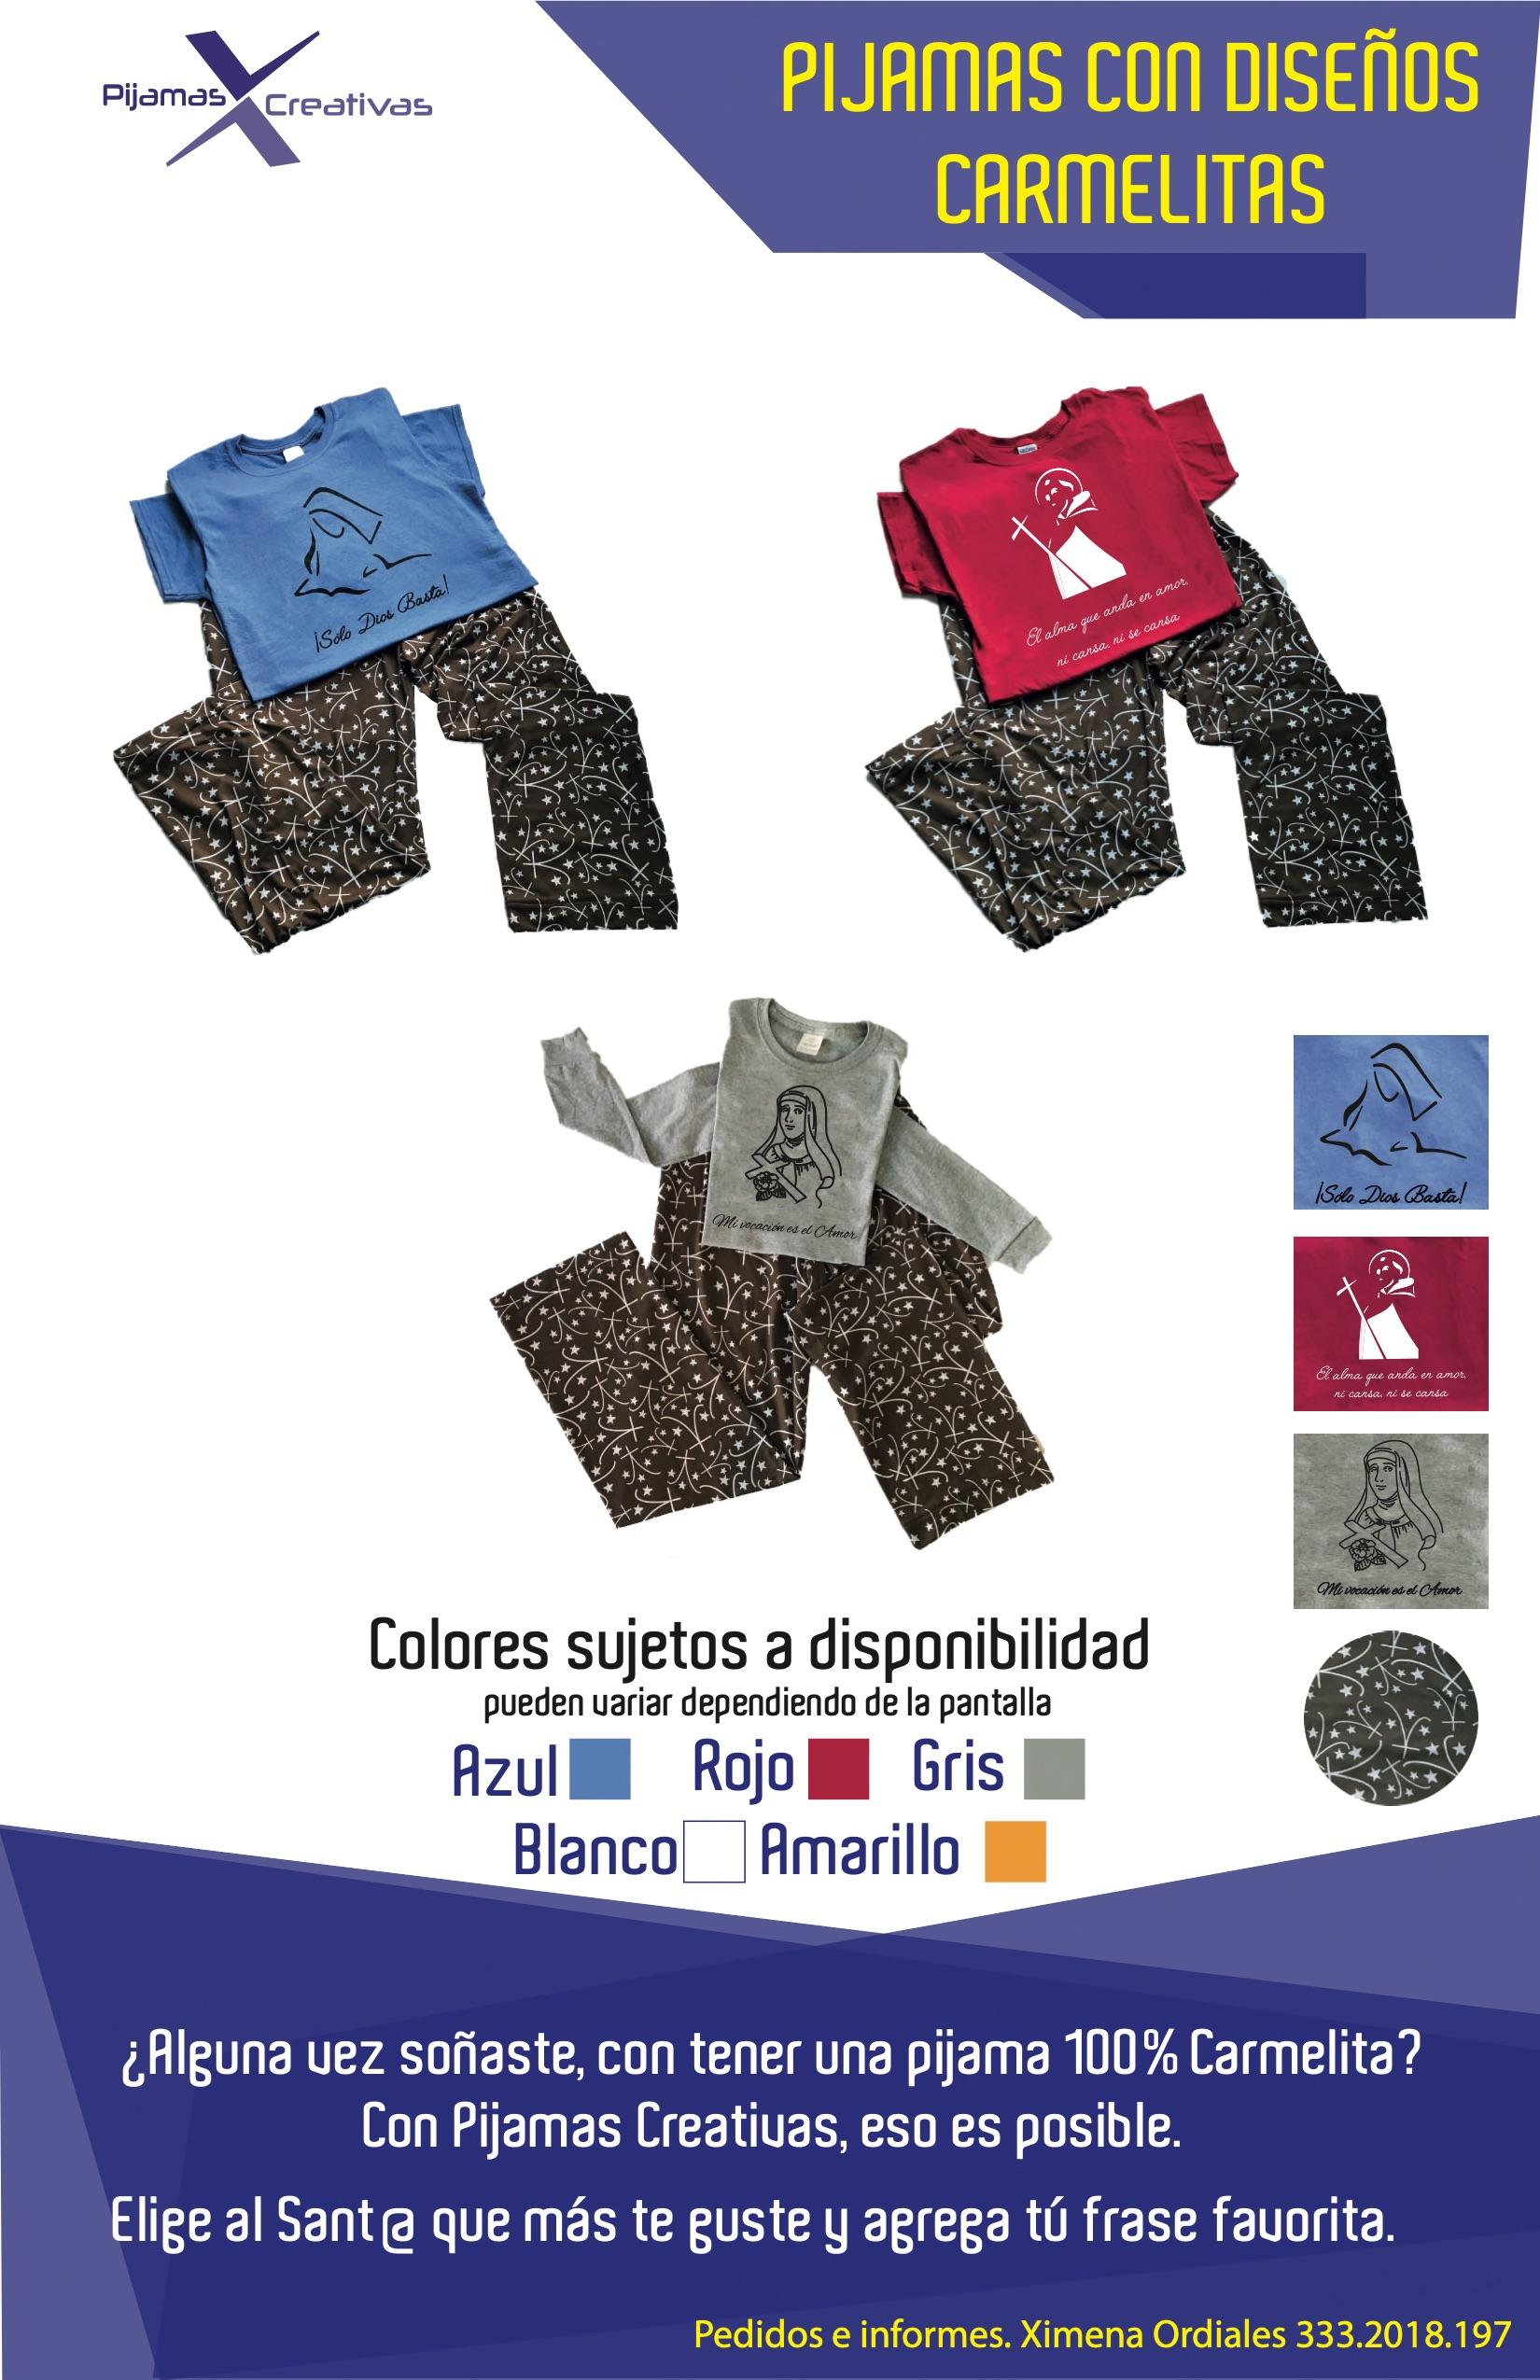 Pijamas Creativas